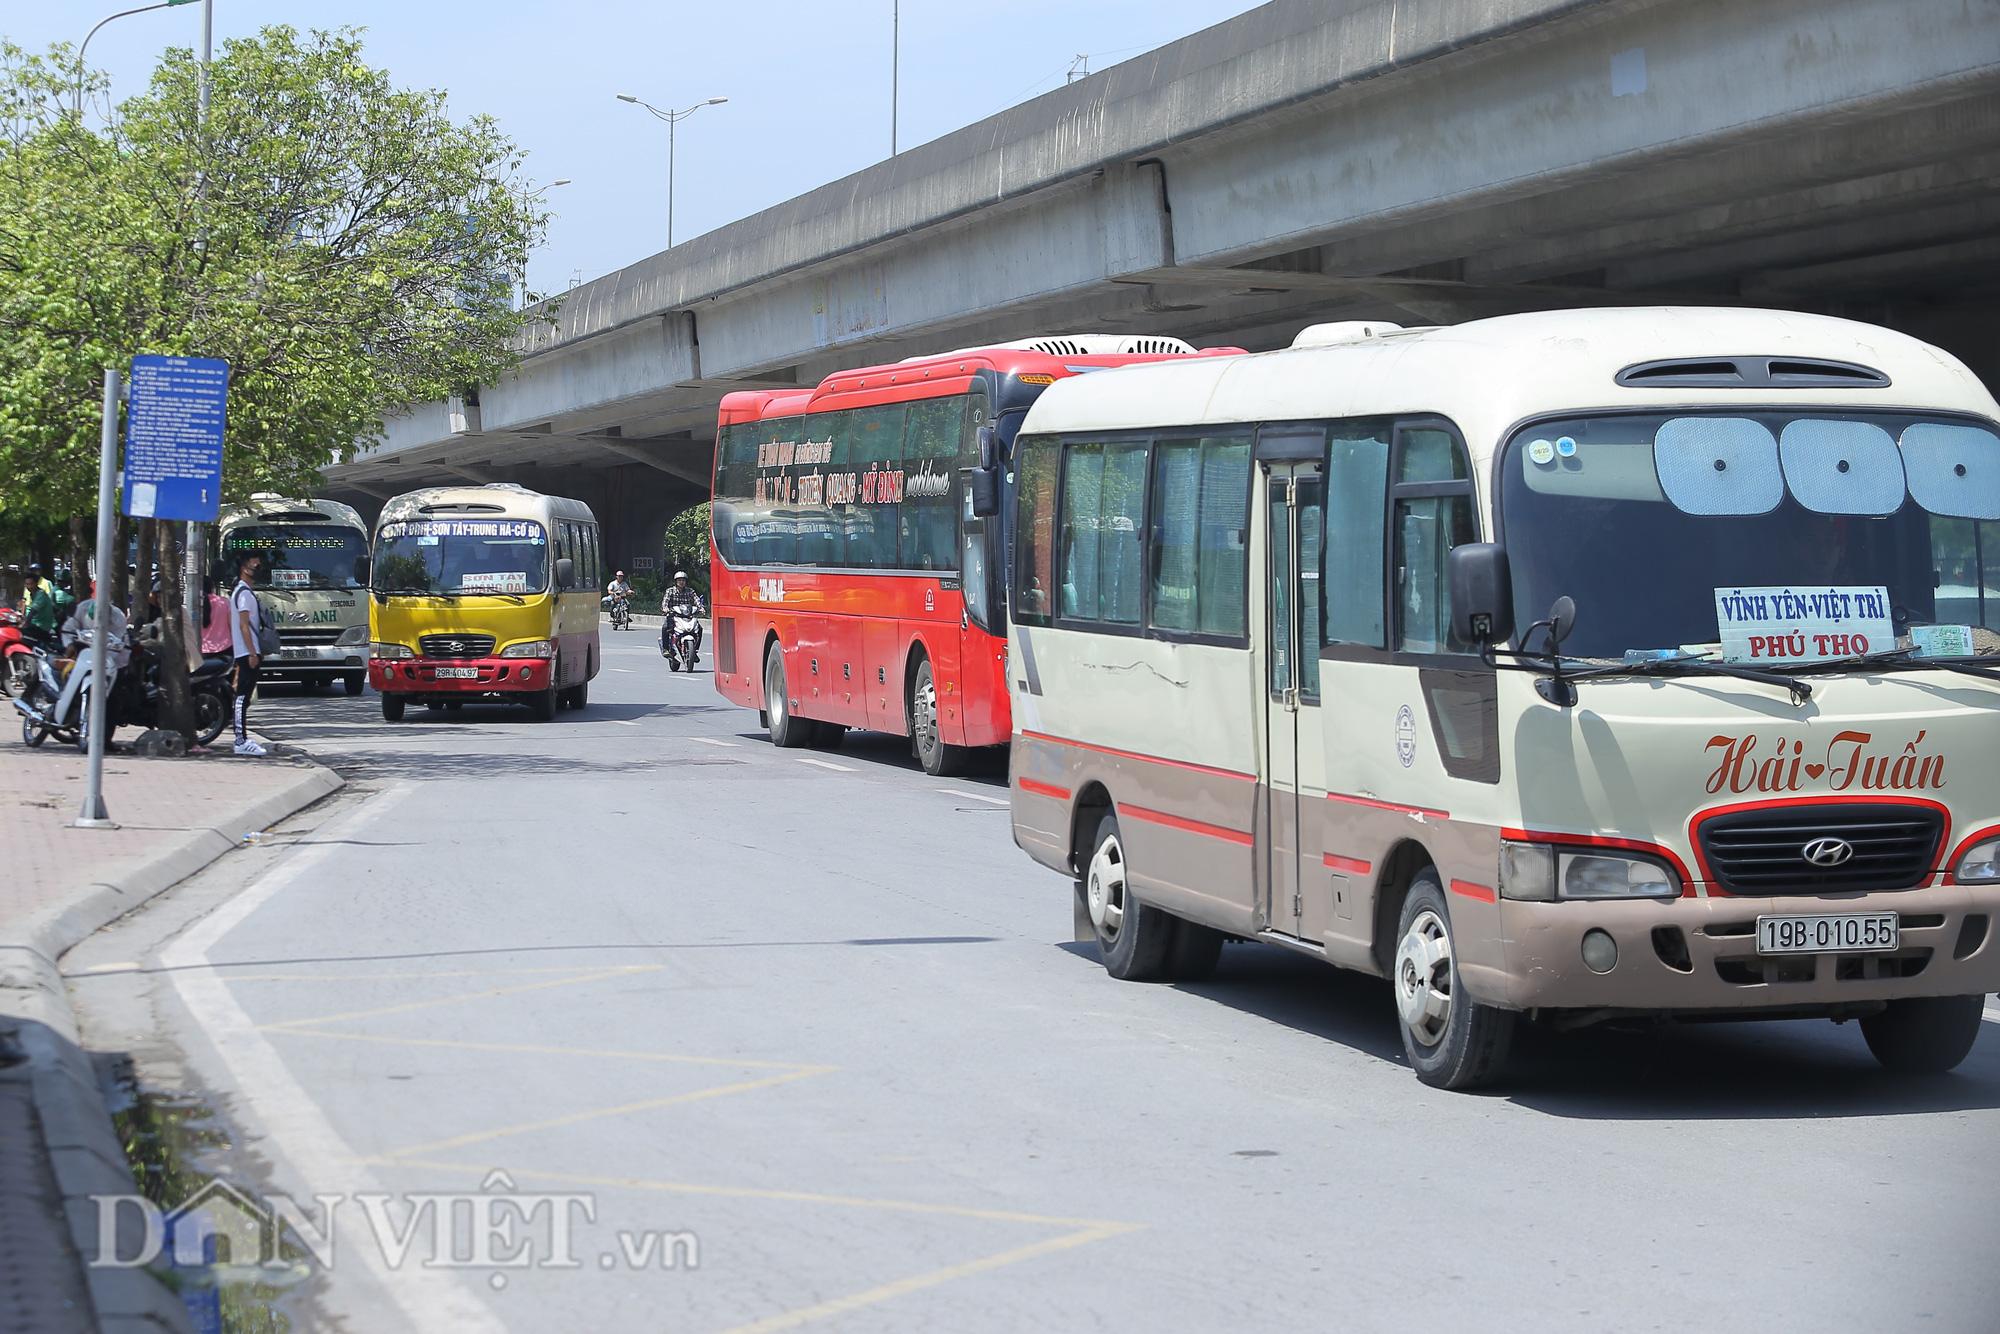 """Hàng loạt xe chạy """"rùa bò"""", bắt khách dọc đường bị CSGT Hà Nội xử lý - Ảnh 8."""